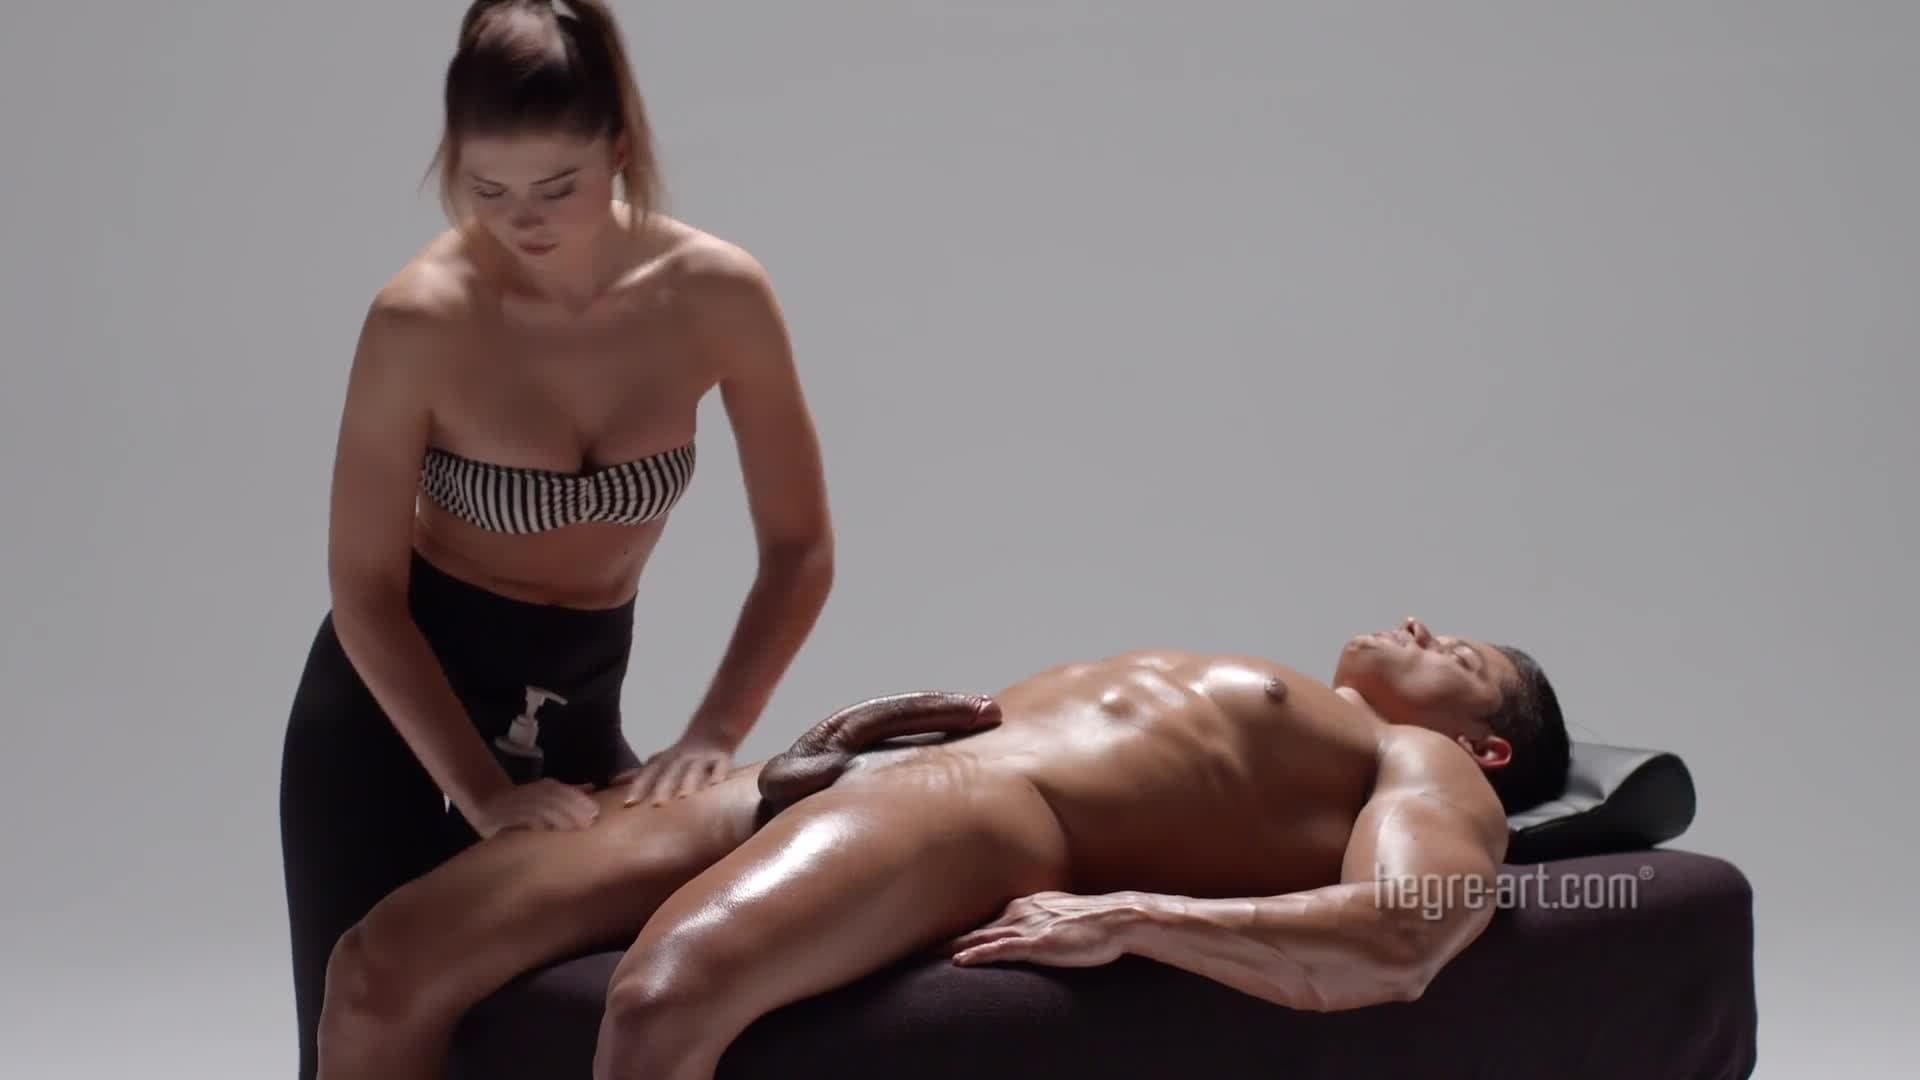 massaggio del pene di hegre art come ingrandire il pene con lesercizio